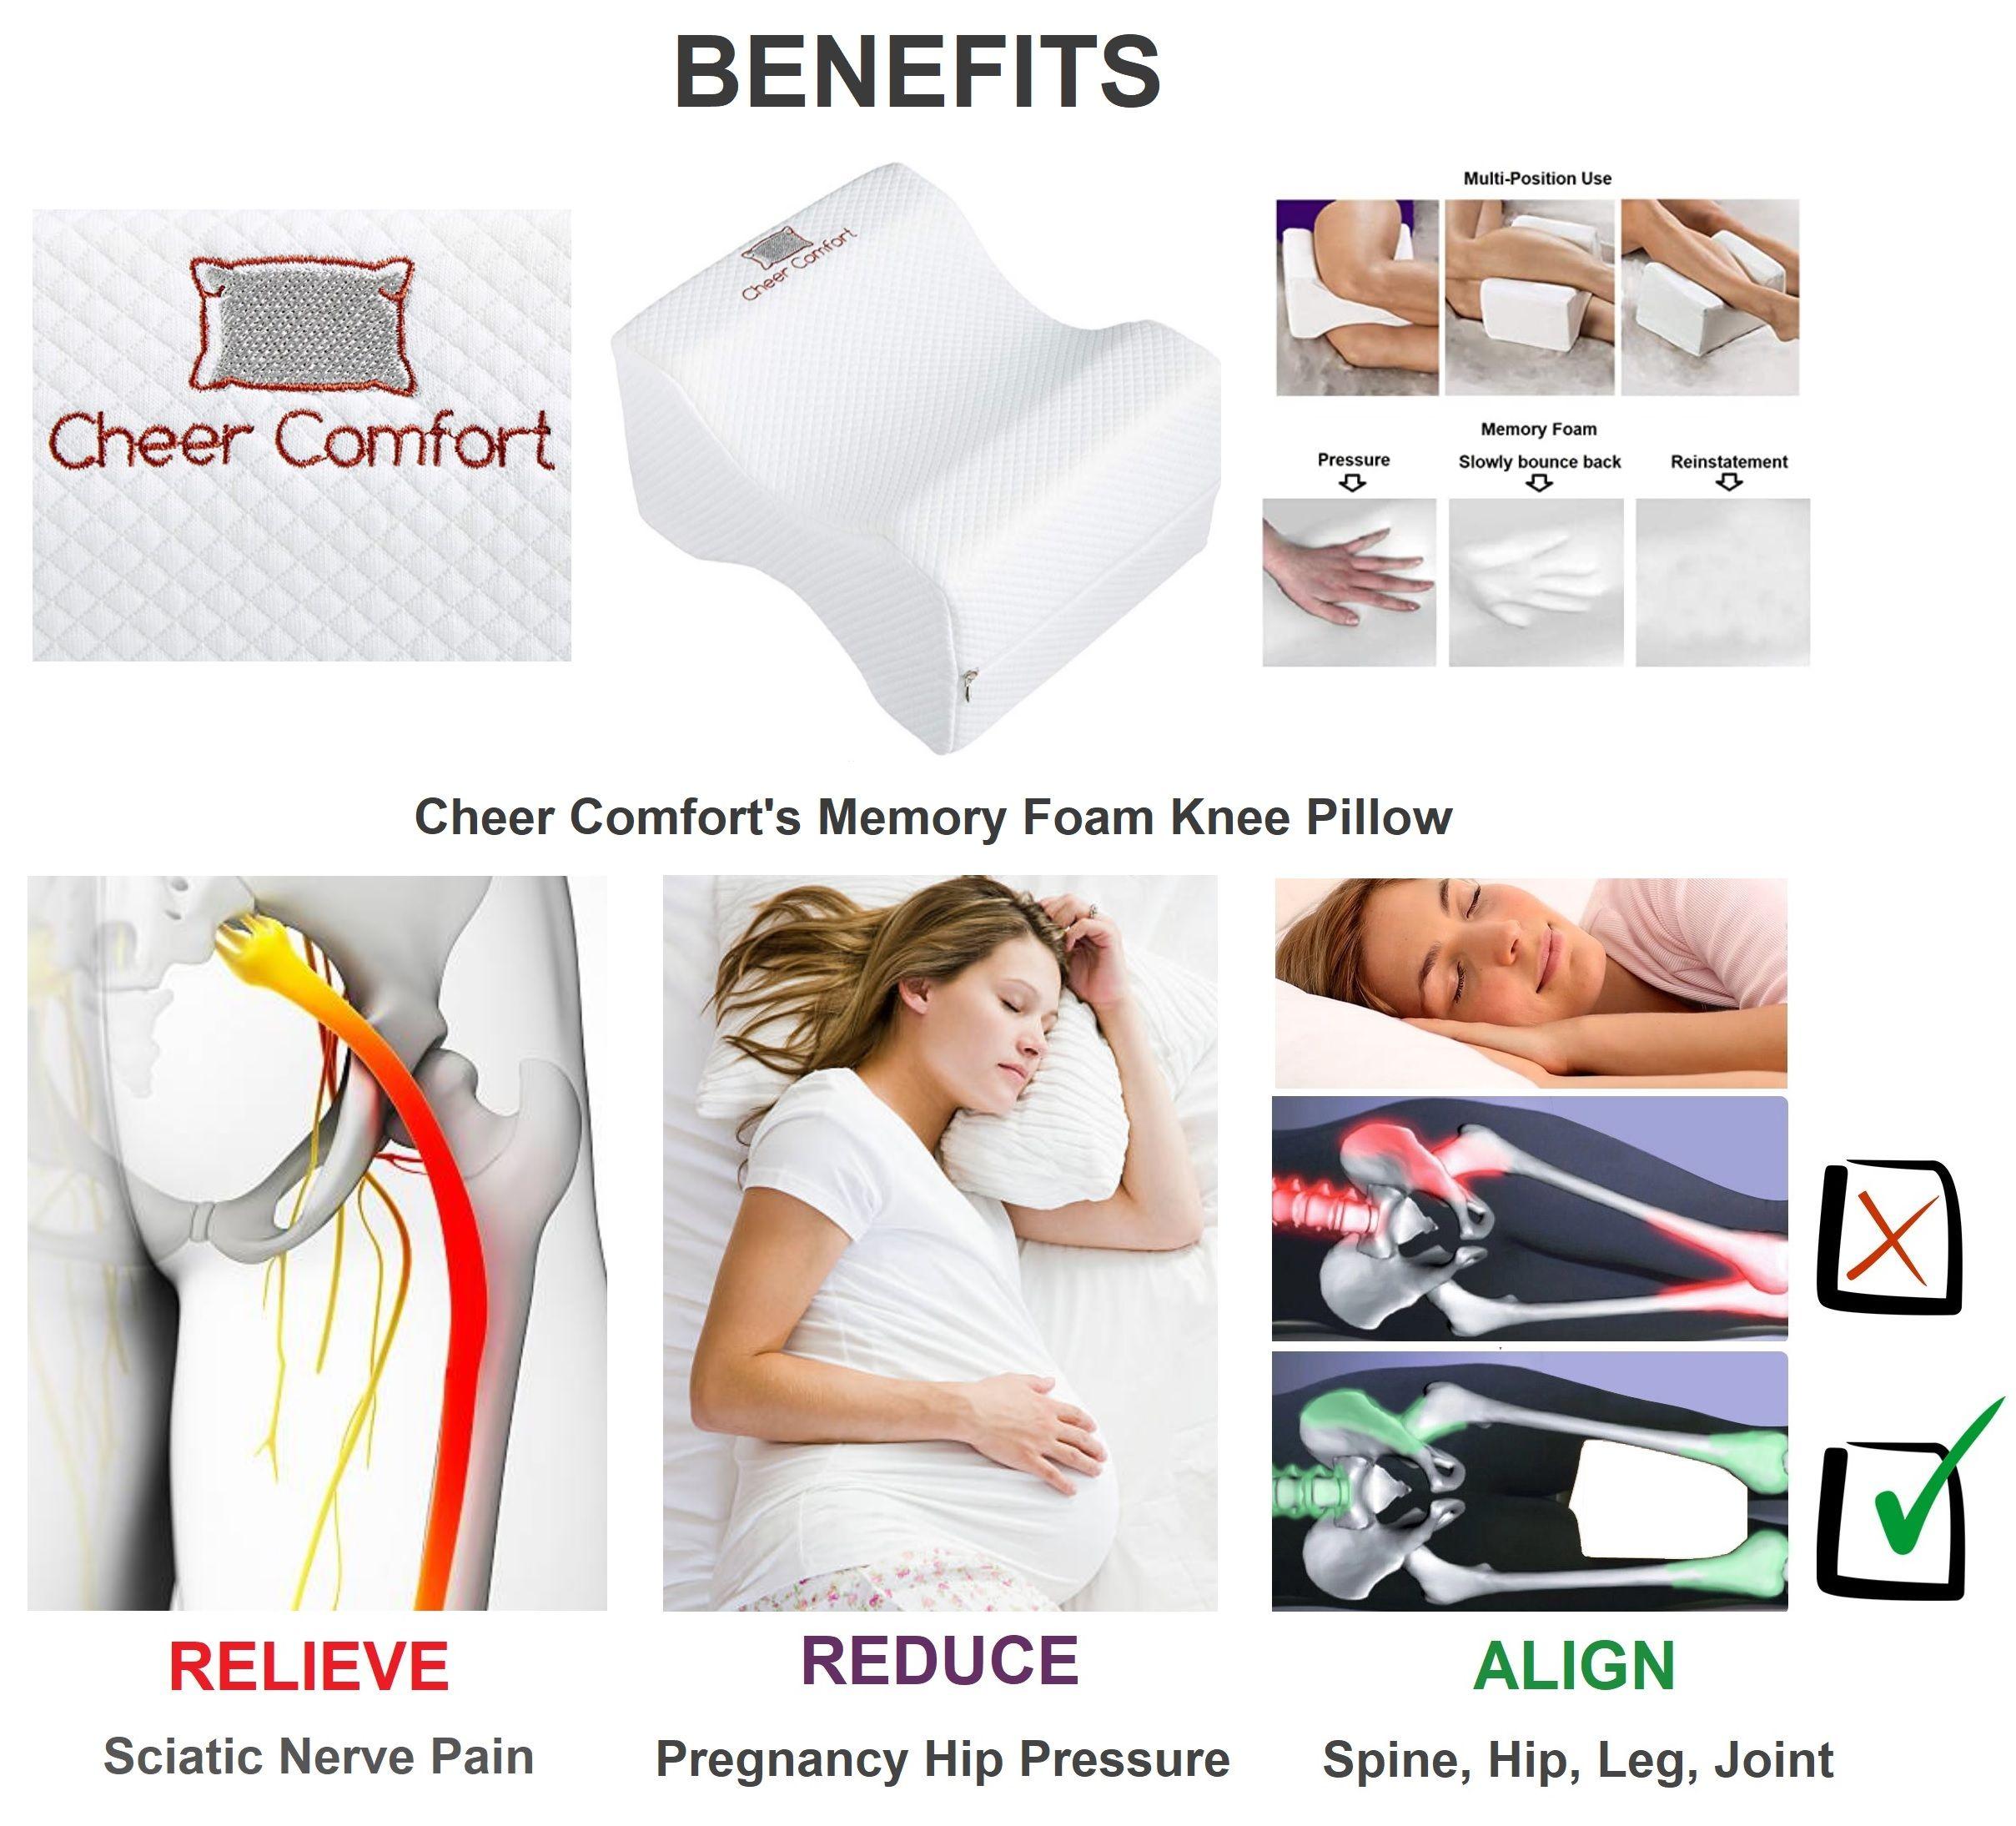 Benefits Of Cheer Comfort S Memory Foam Knee Pillow In 2020 Knee Pillow Memory Foam Memory Foam Pillow